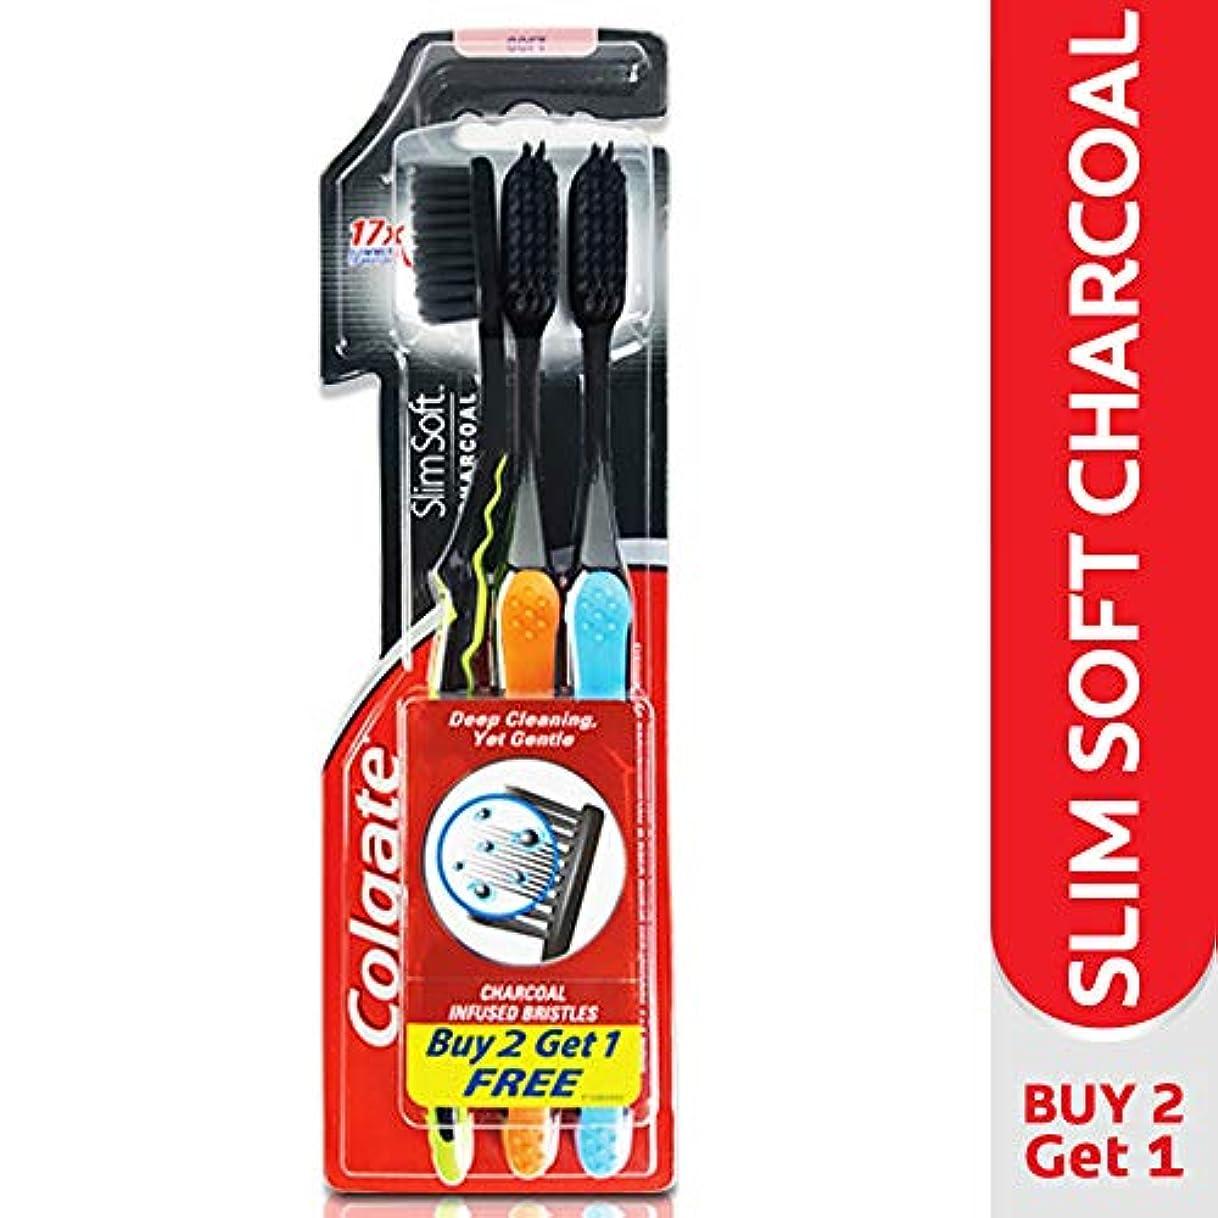 海雷雨方法Colgate Slim Soft Charcoal Toothbrush (Pack of 3) 17x Slimmer Soft Tip Bristles (Ship From India)